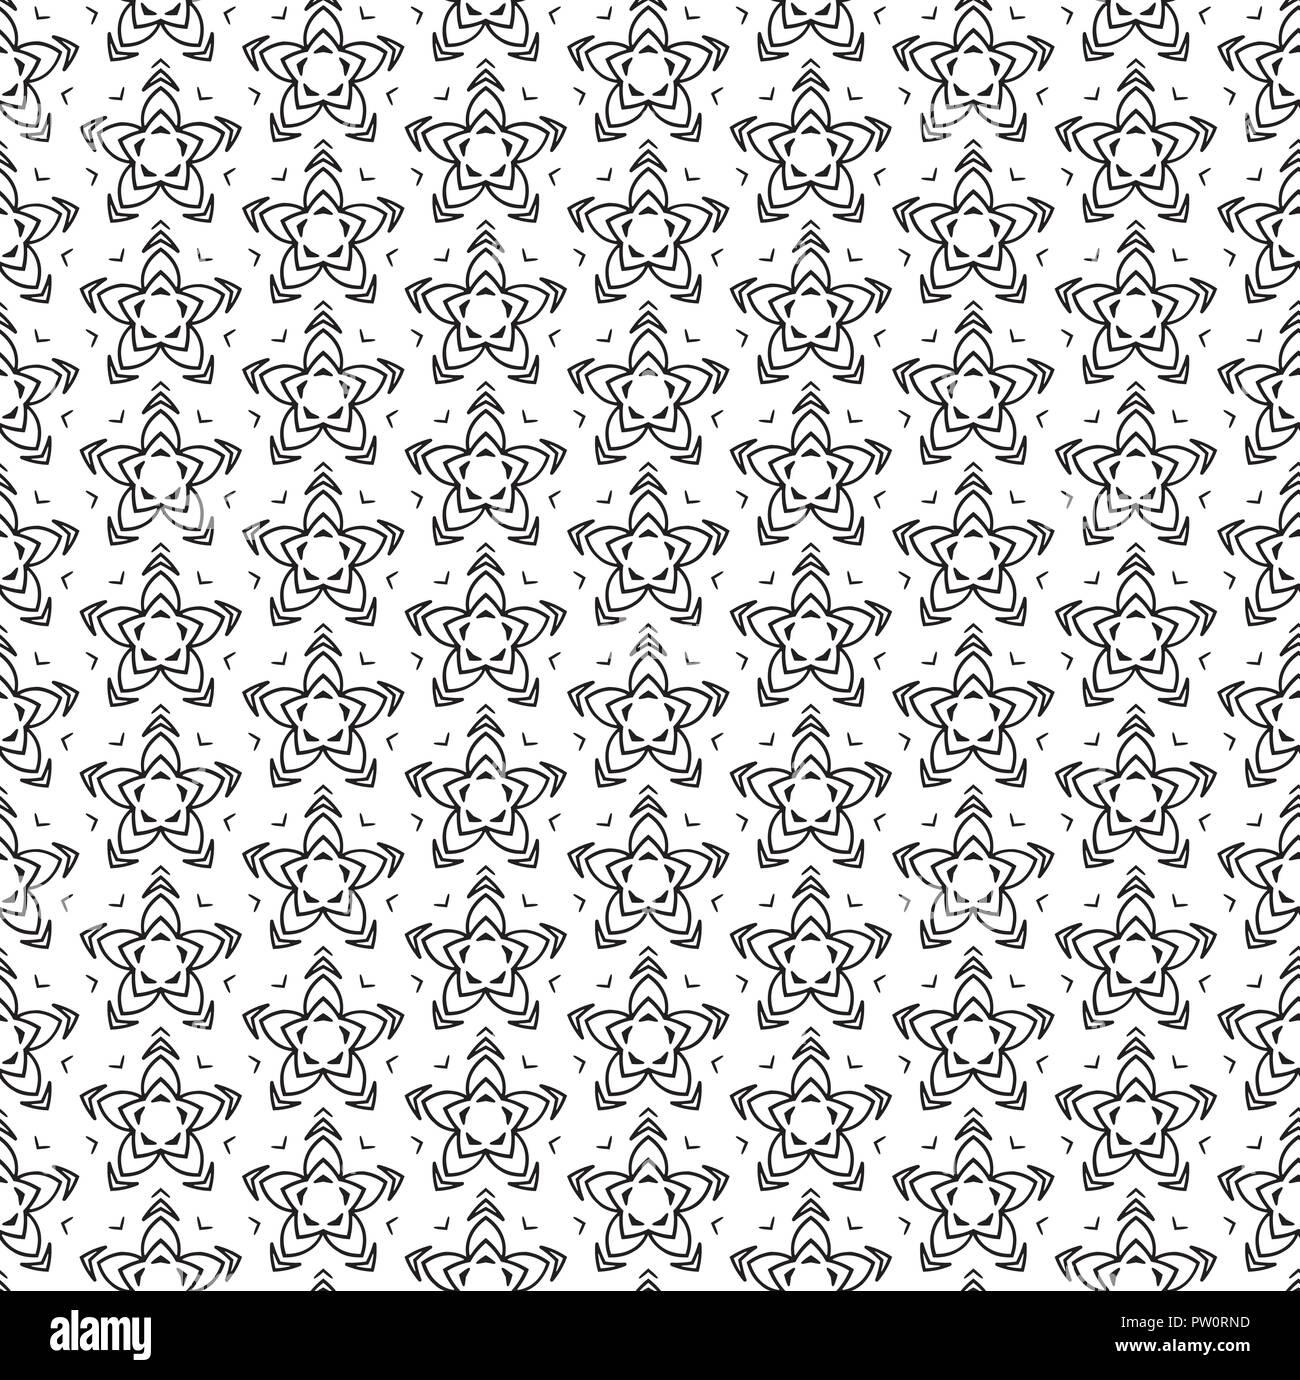 Subtile Geometrisches Ornament Nahtlose Muster Vektor Einfarbige